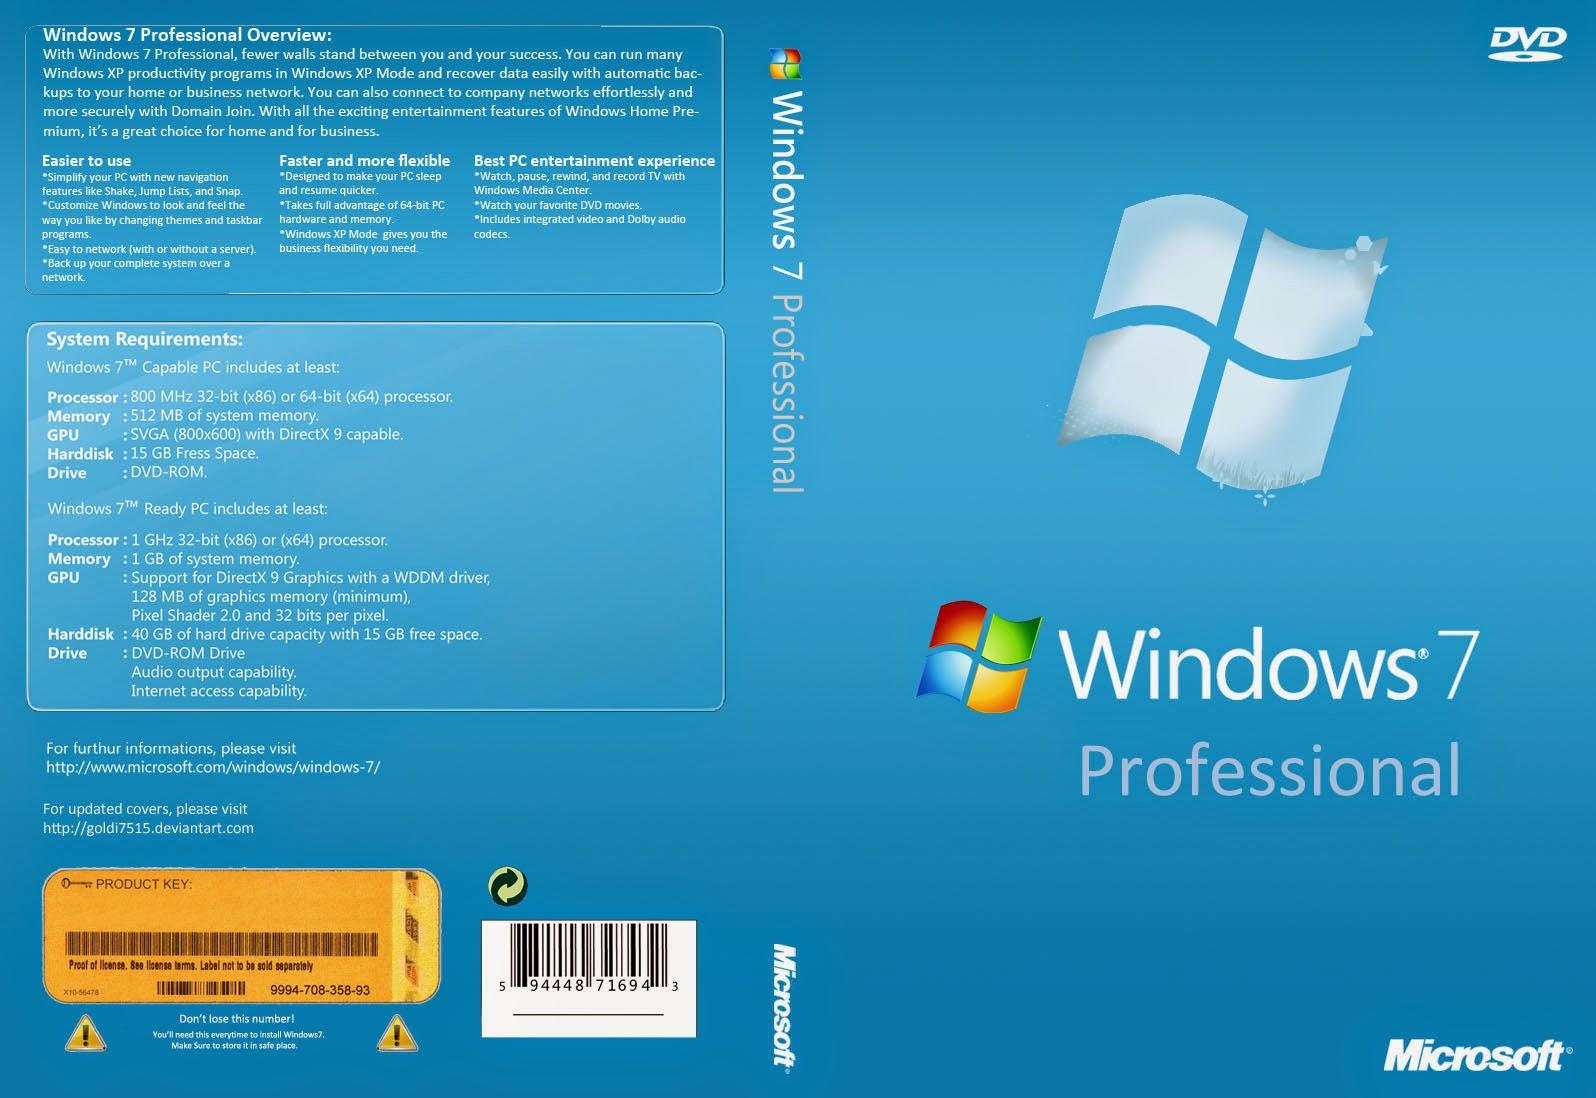 Download window 7 sp1 64 bit iso | Peatix